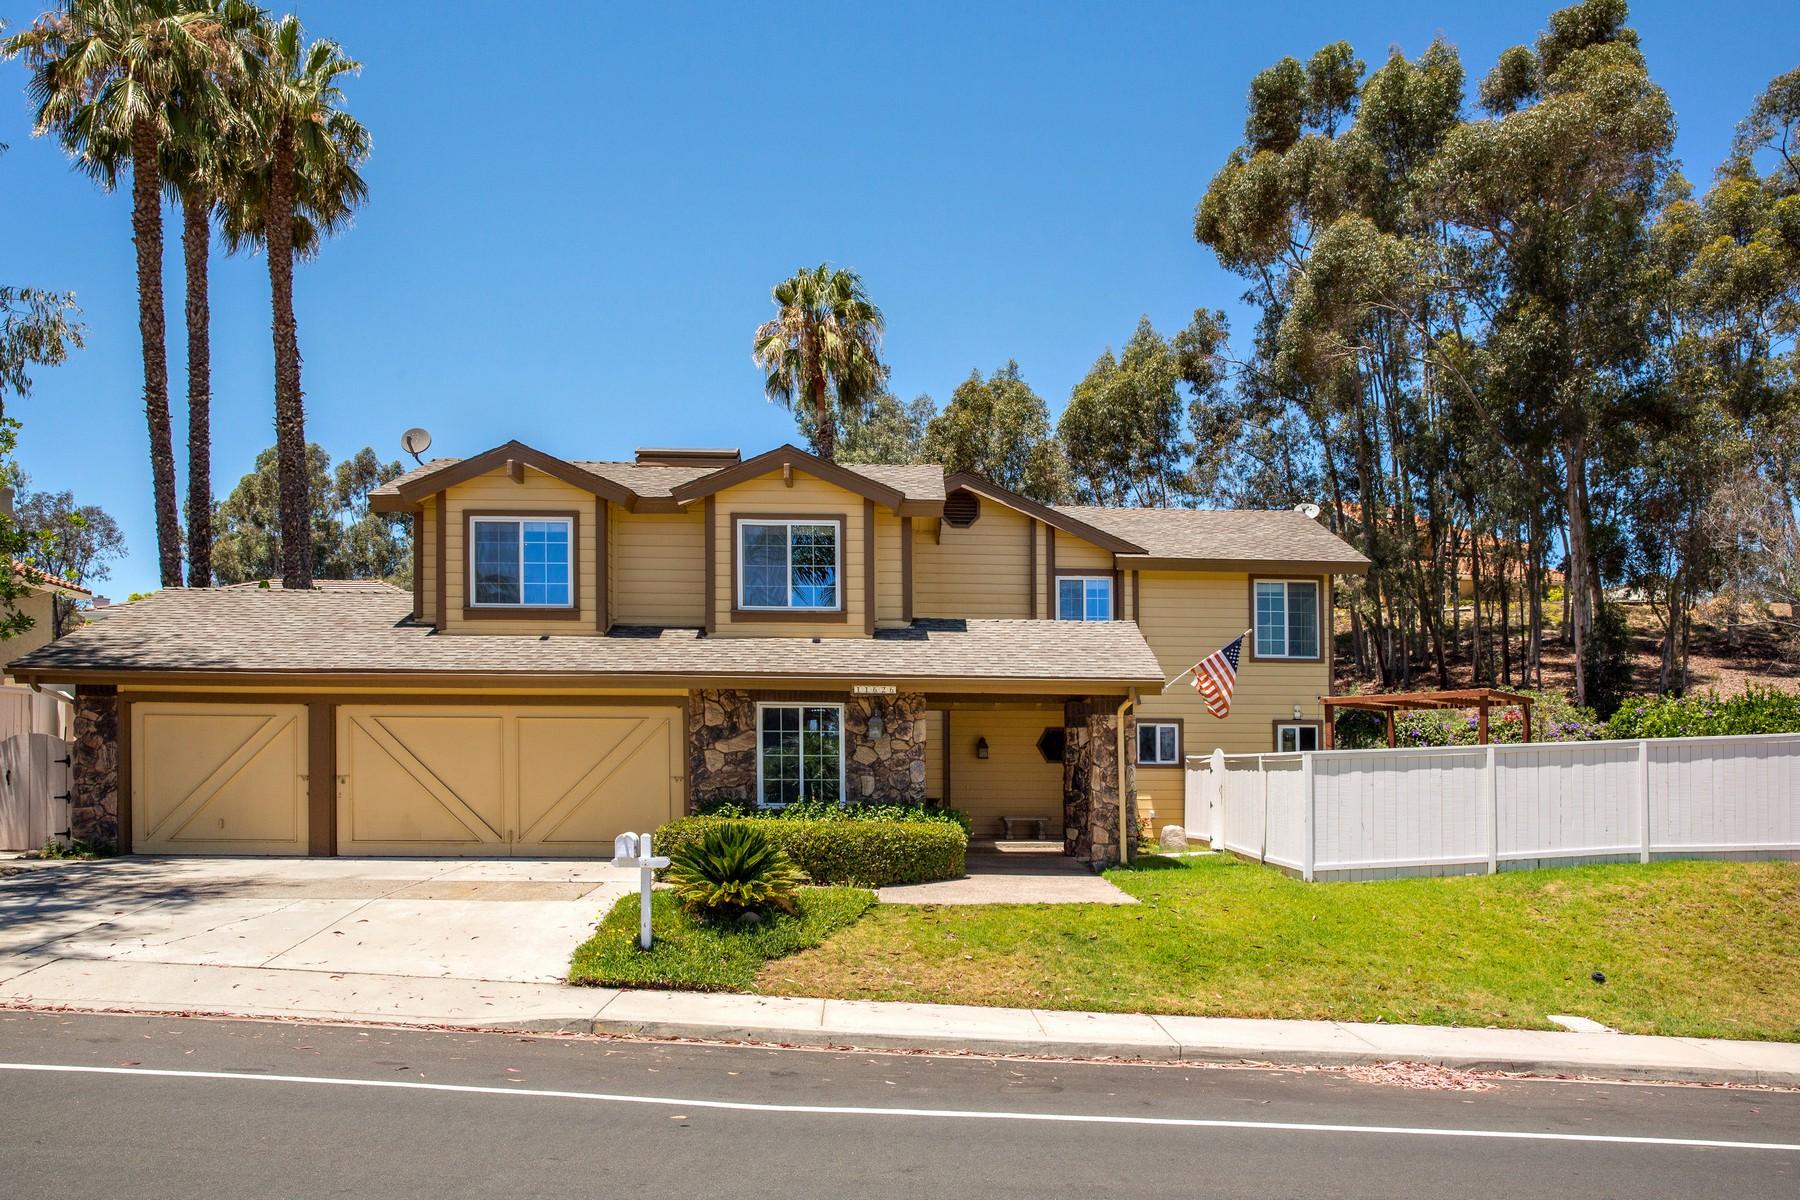 단독 가정 주택 용 매매 에 11626 Timberlake Drive San Diego, 캘리포니아 92131 미국